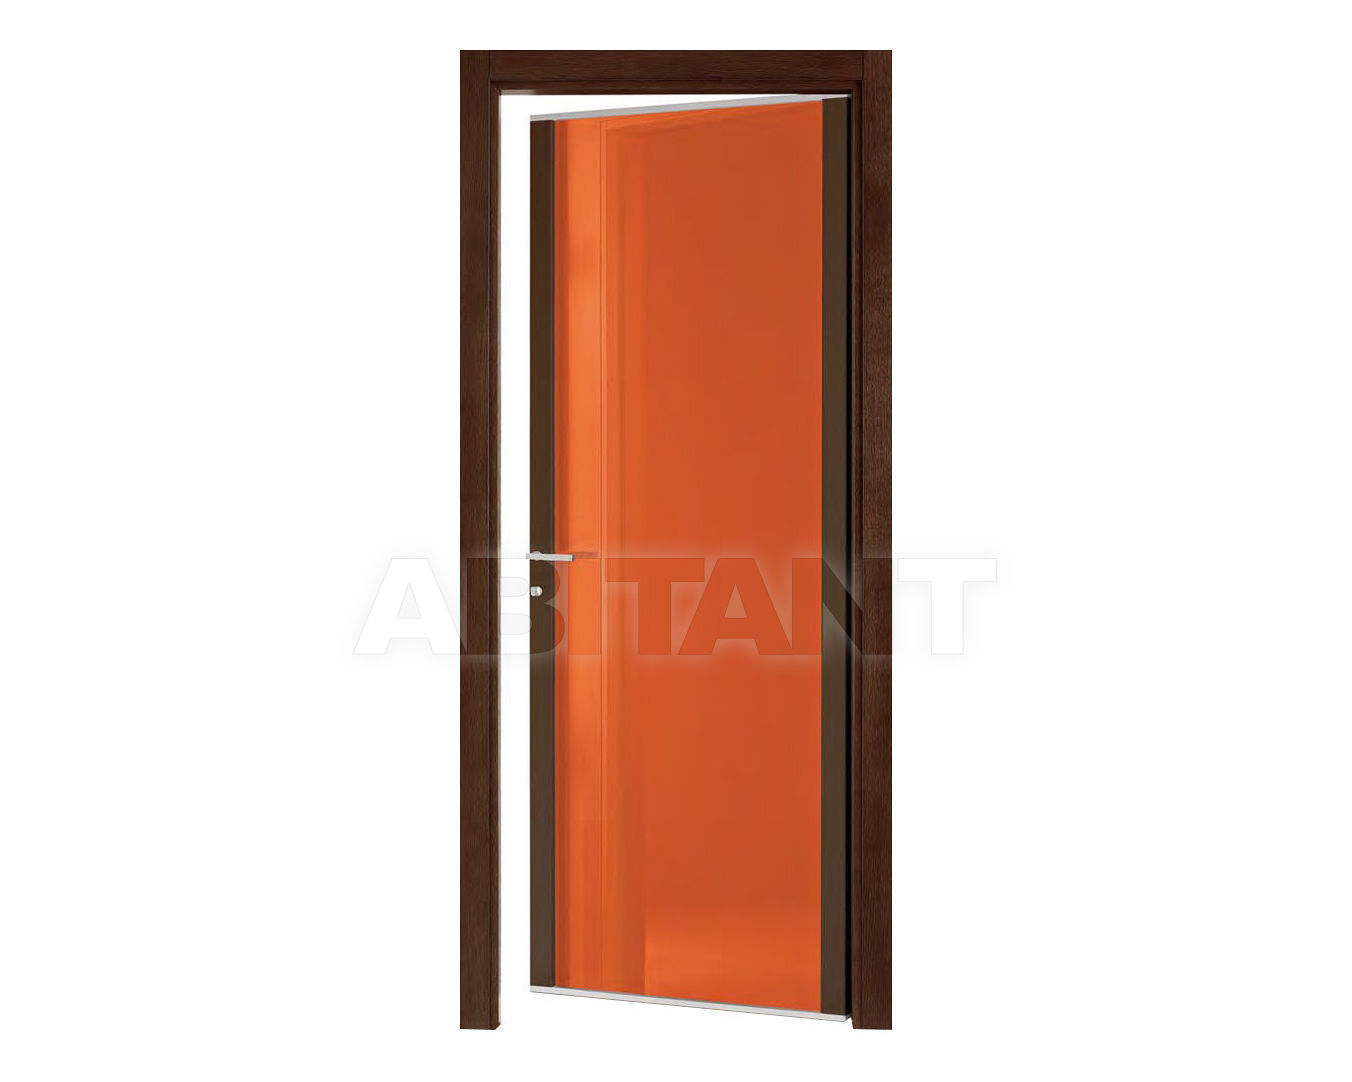 Купить Дверь деревянная Fioravazzi Modelli Unici CRISTAL 3